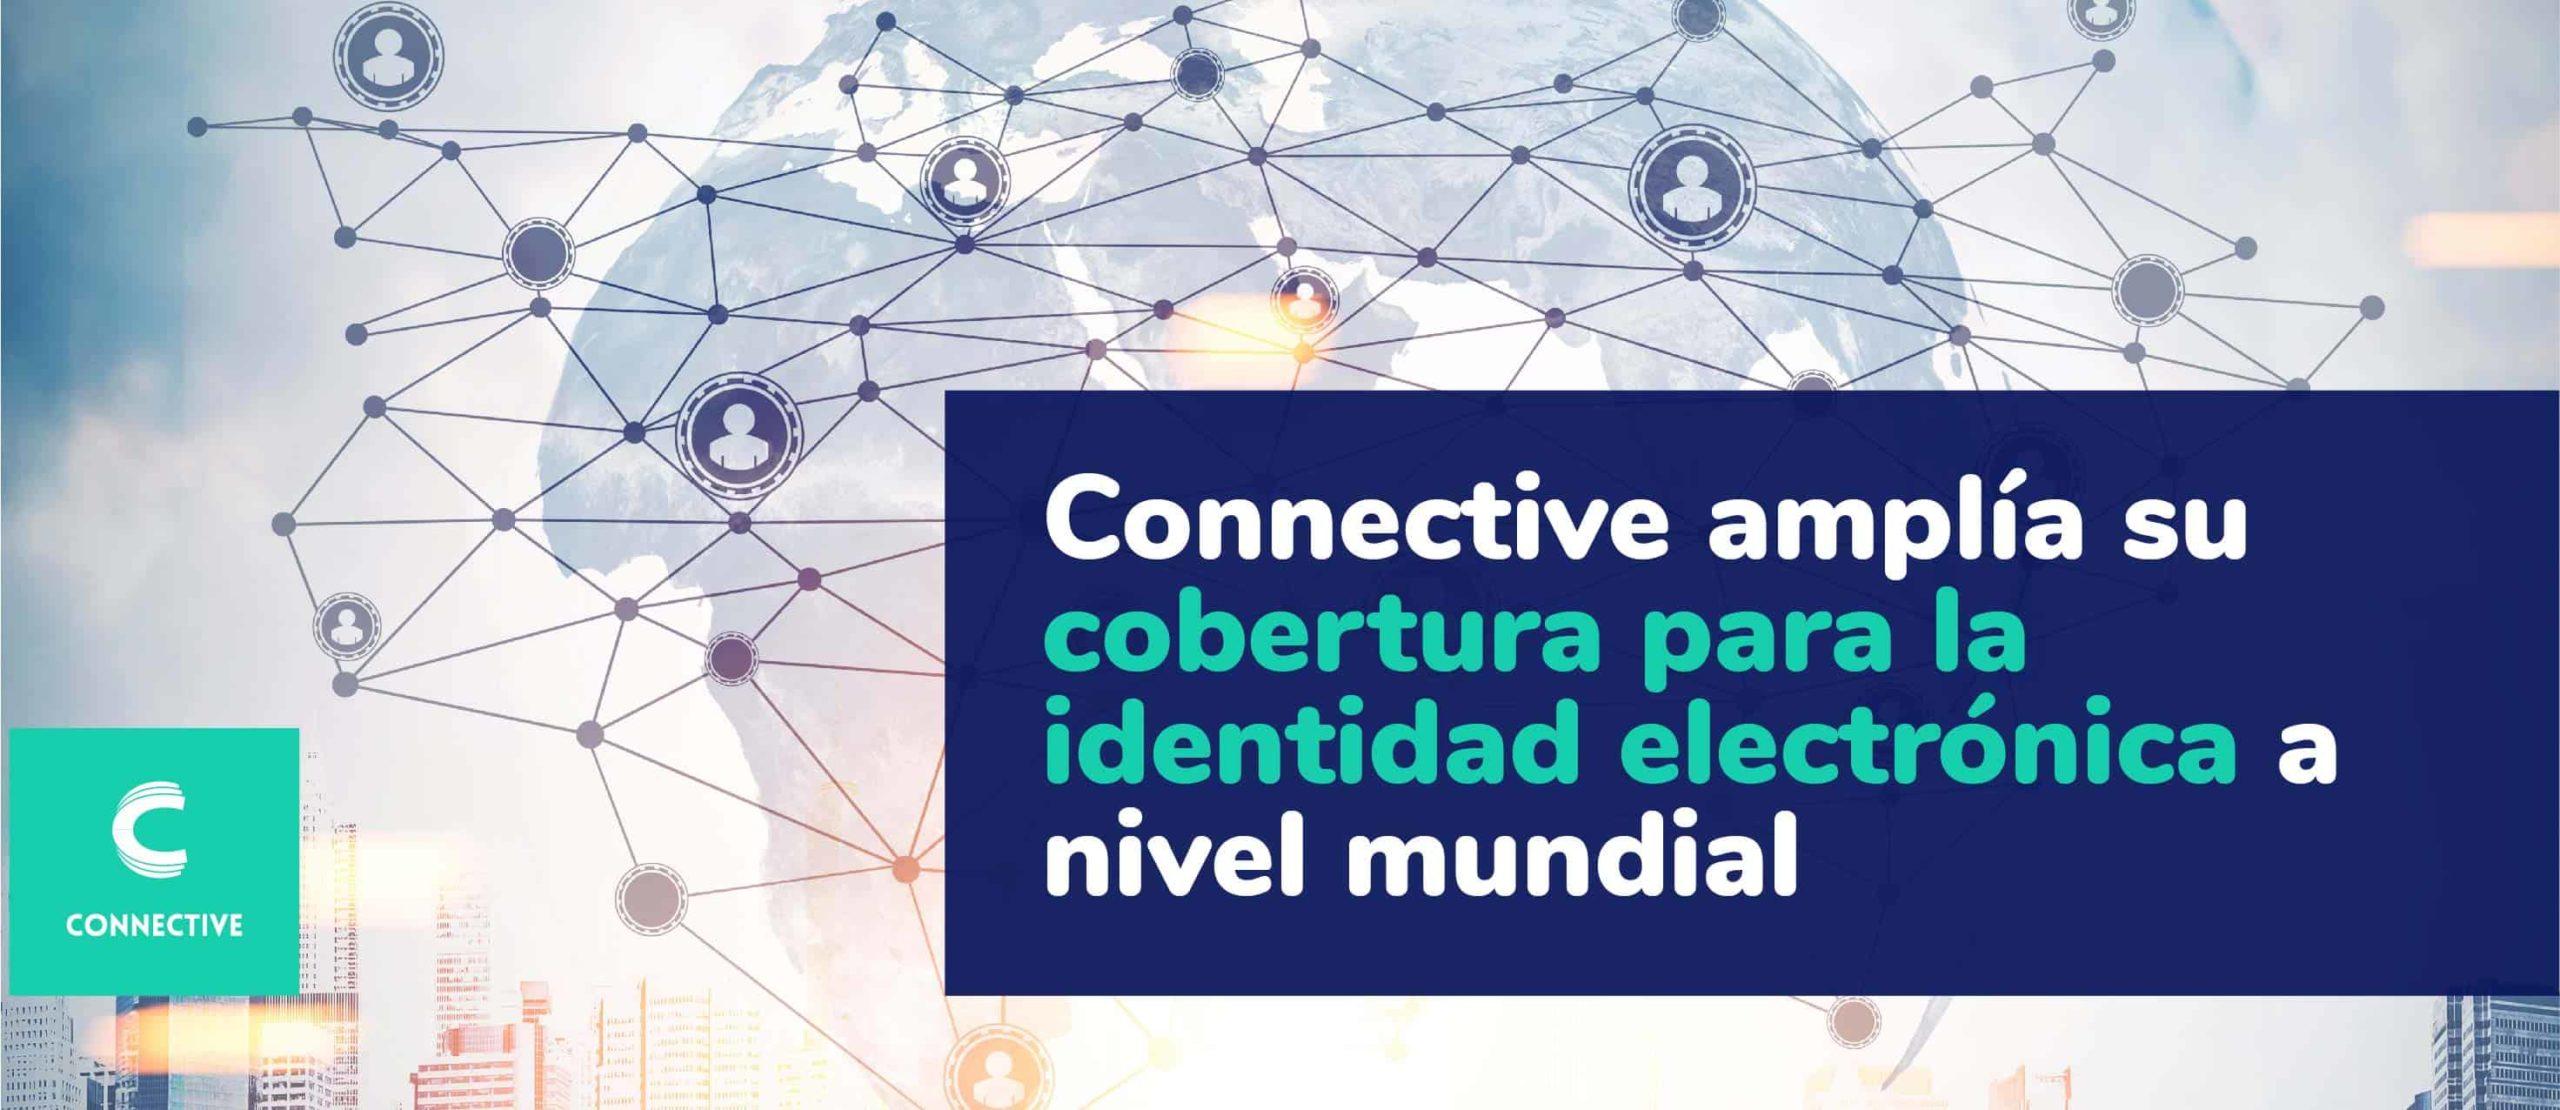 cobertura para la identidad electrónica